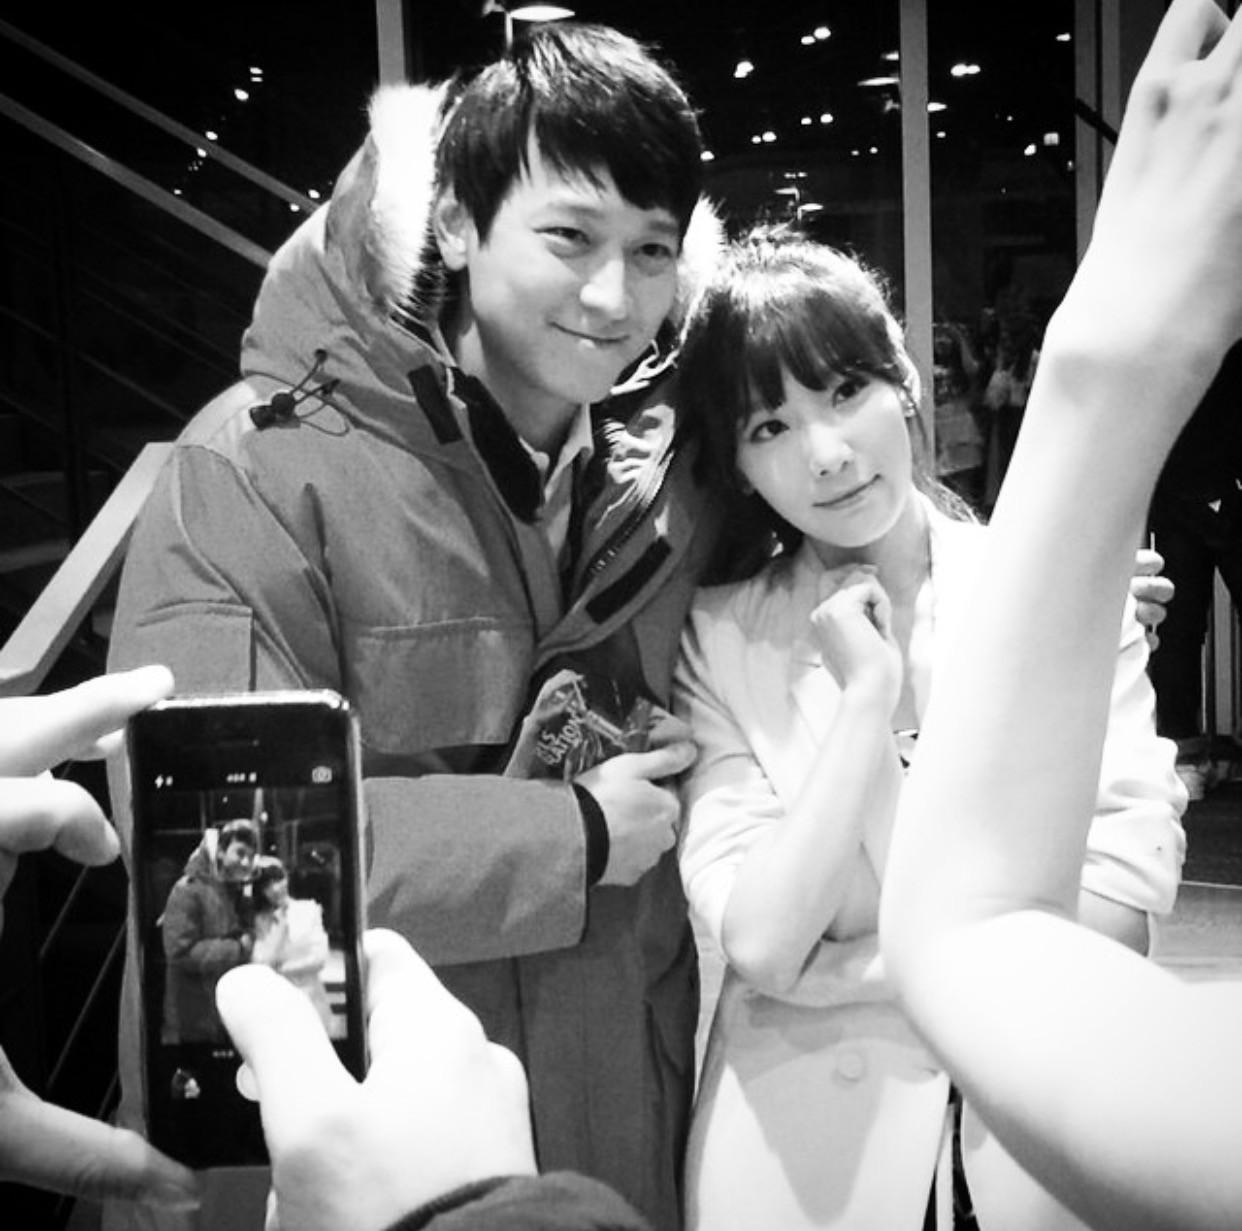 Tài tử được nhiều sao nữ chọn là hình mẫu lý tưởng nhất xứ Hàn: Từ Suzy cho đến mẹ Kim Tan đều mê mẩn - Ảnh 6.